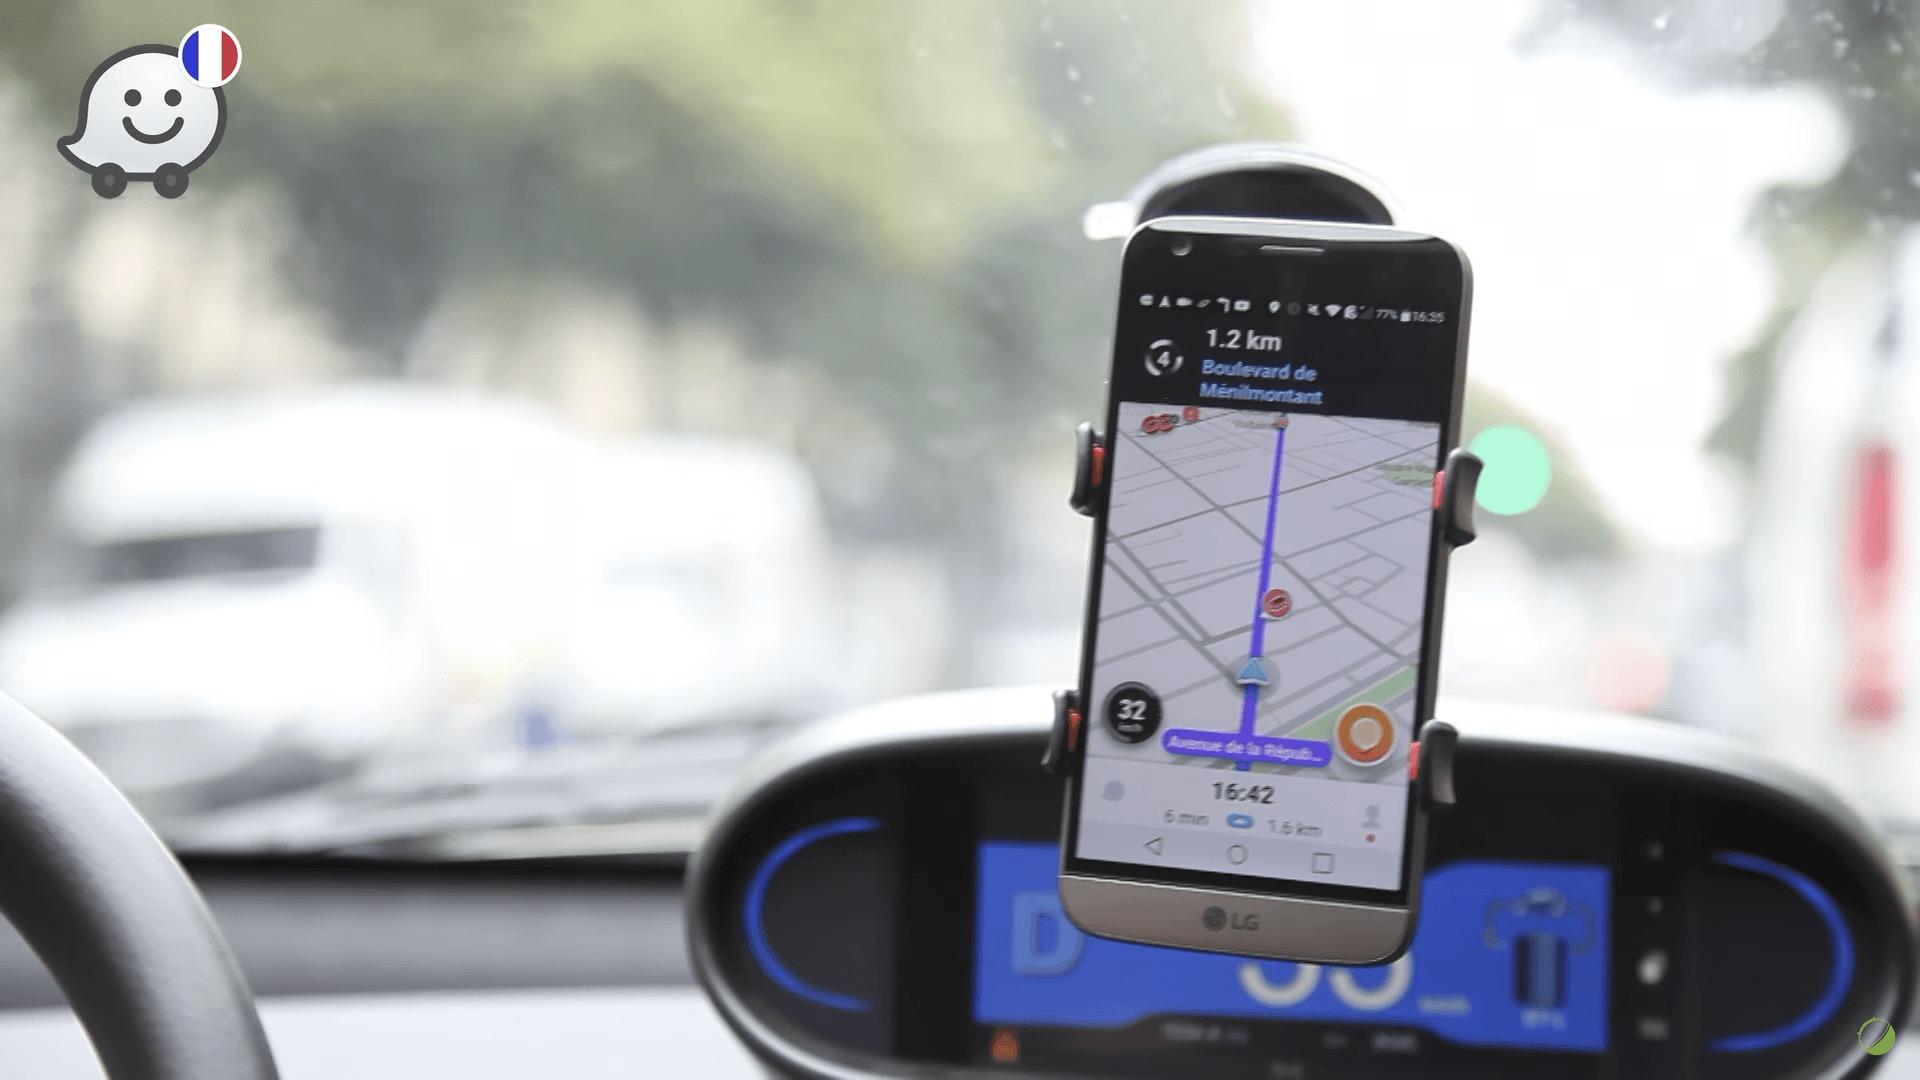 Vidéo : Quelle est la meilleure application de GPS pour Android et iOS ?